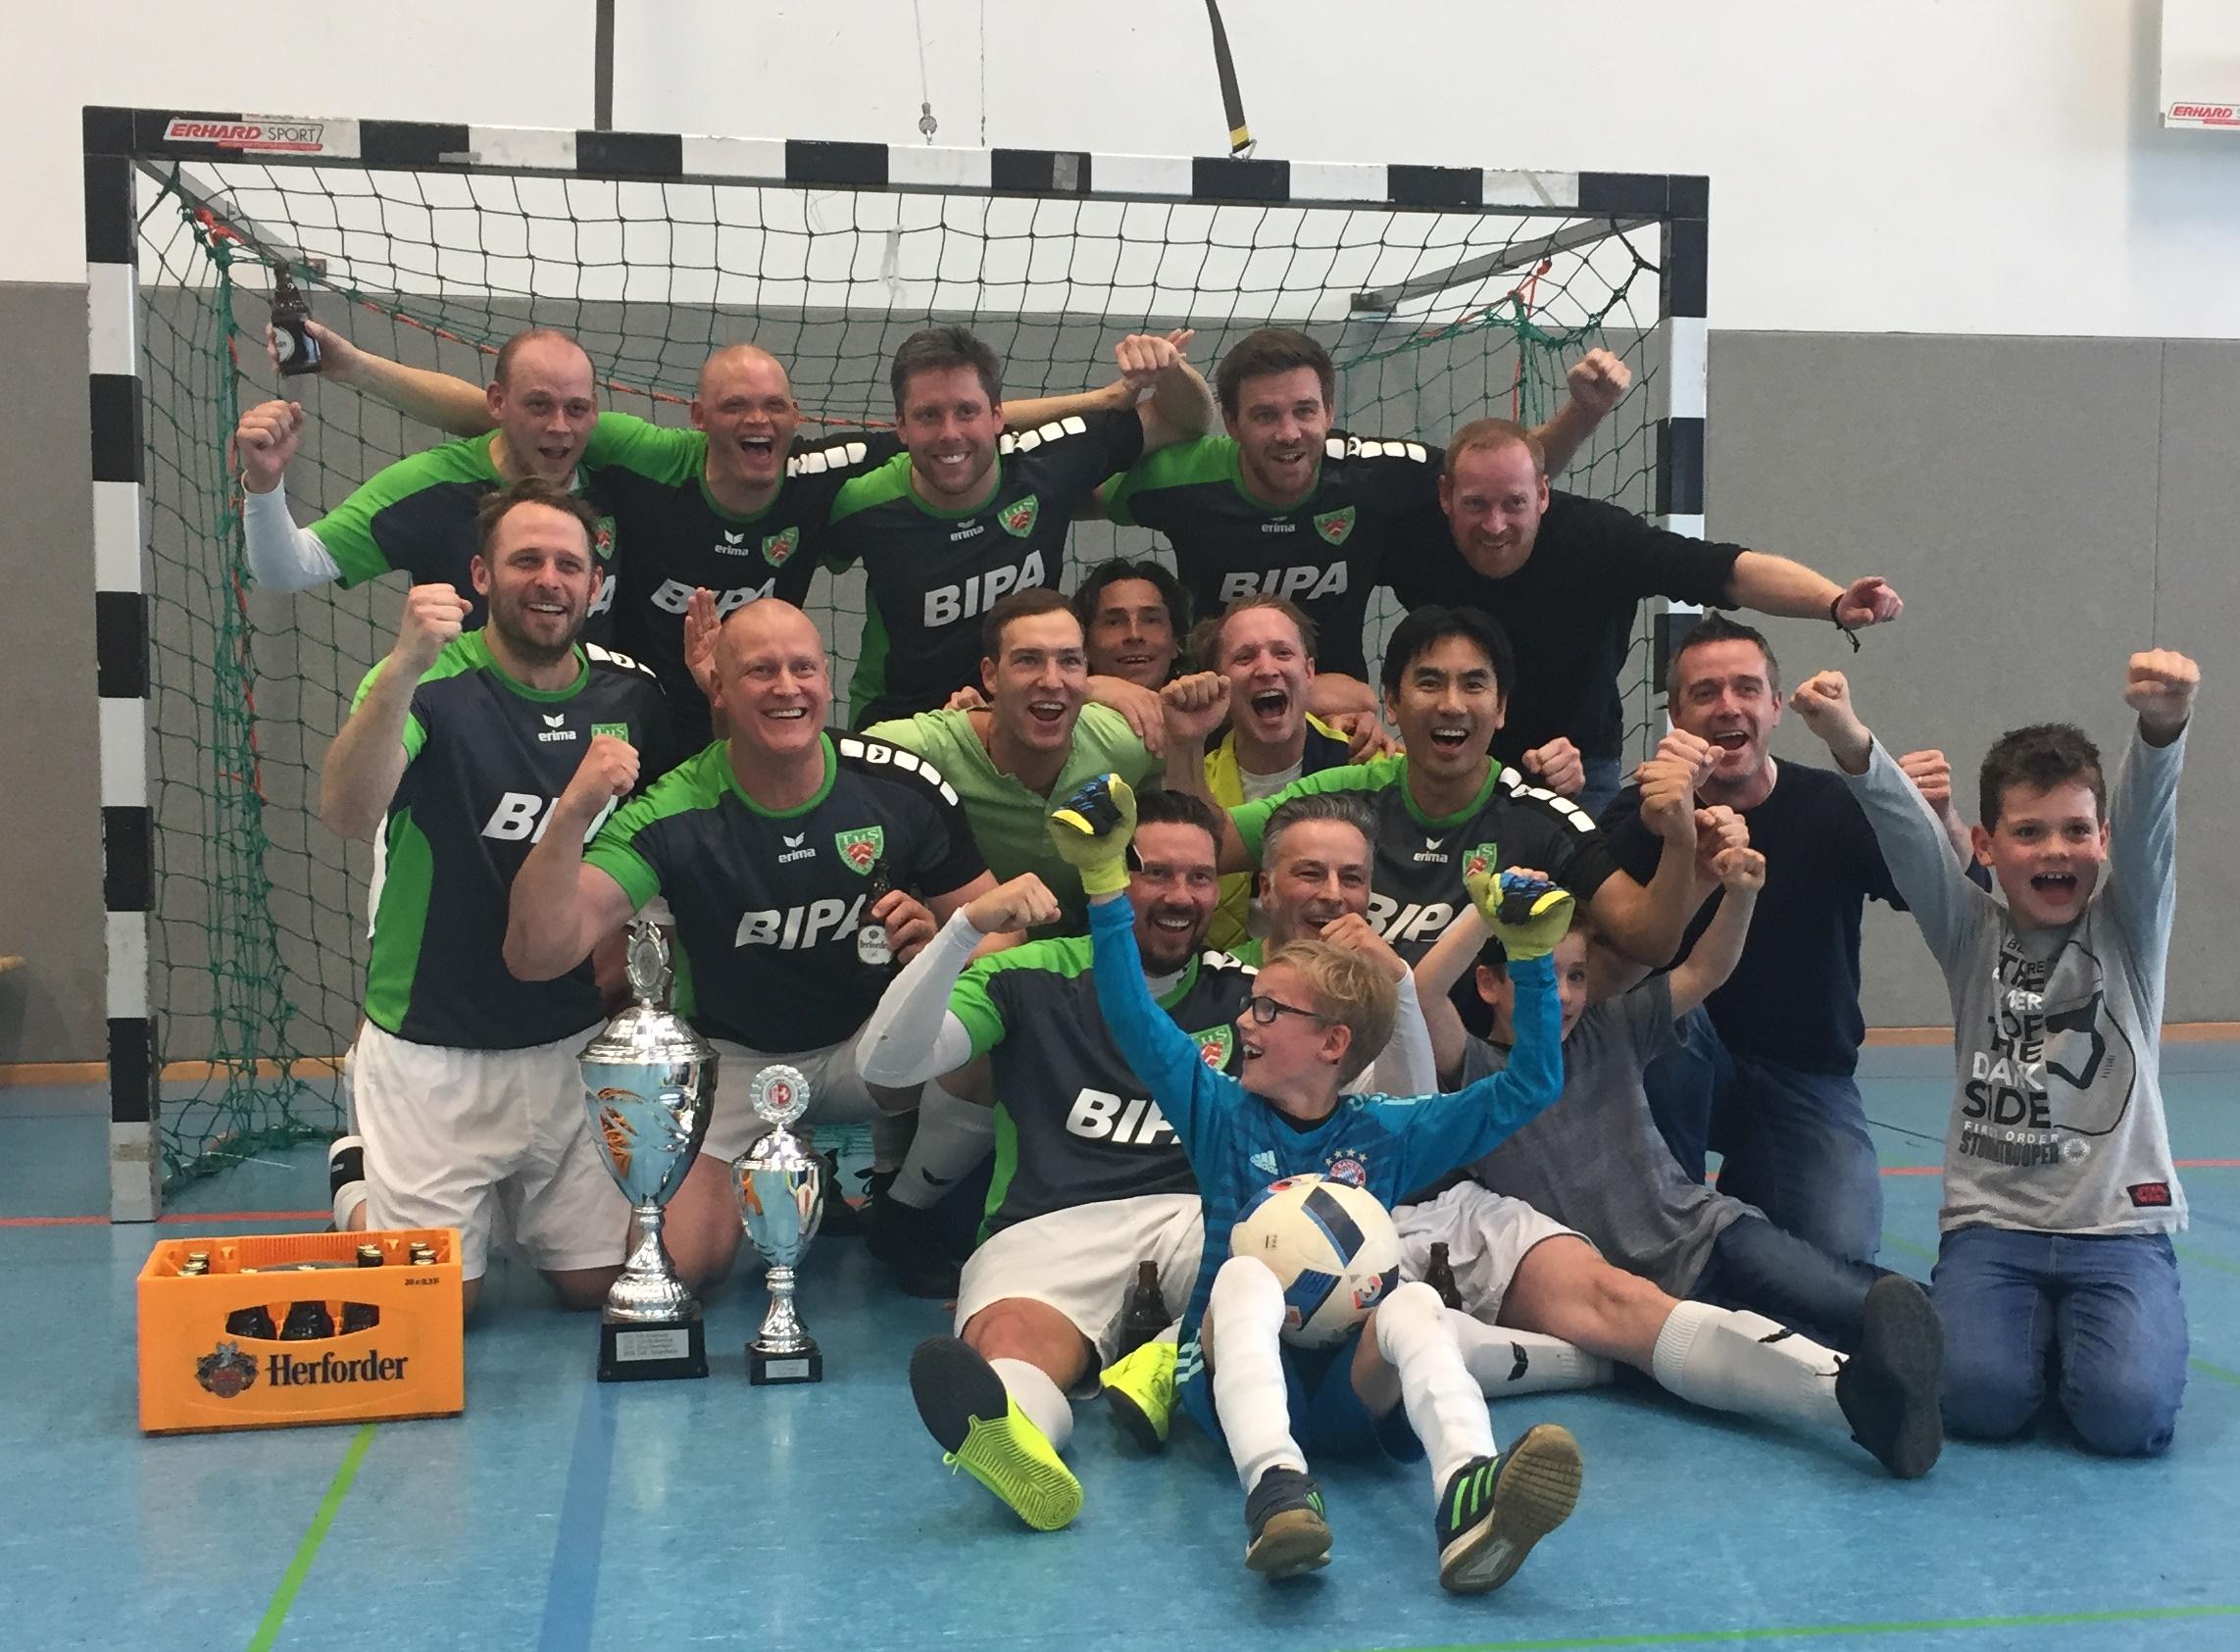 Ü-32 gewinnt die Stadtmeisterschaft